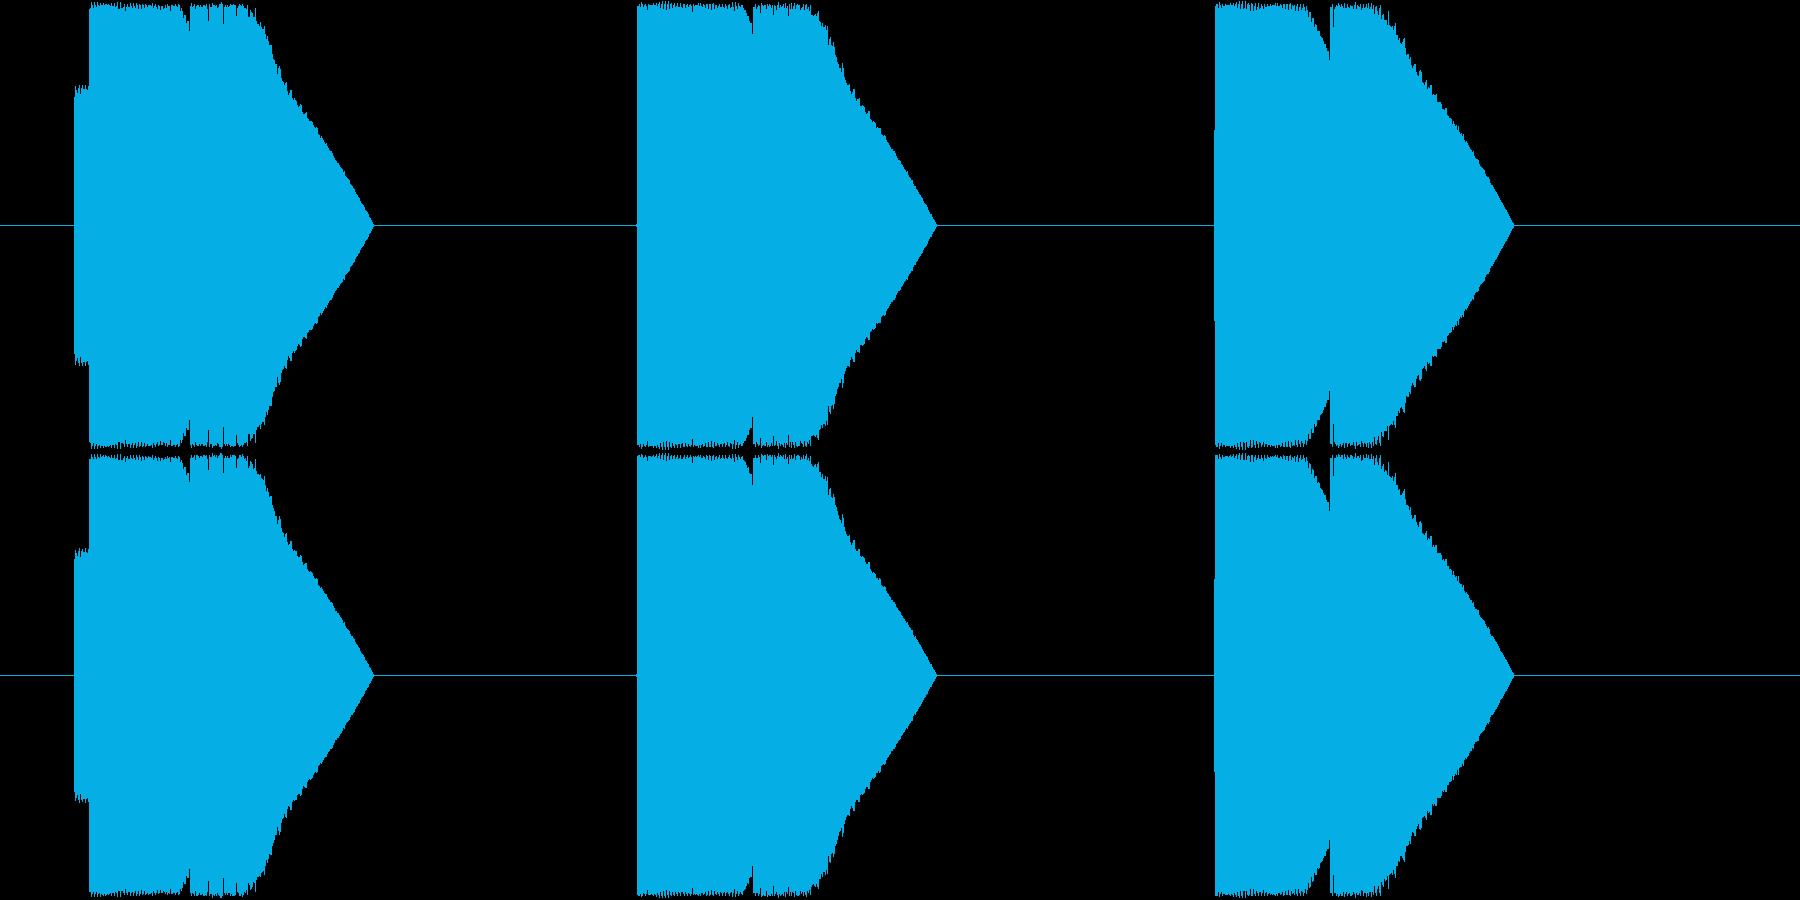 ピコン×3_上昇型_エネルギー十分_遭遇の再生済みの波形